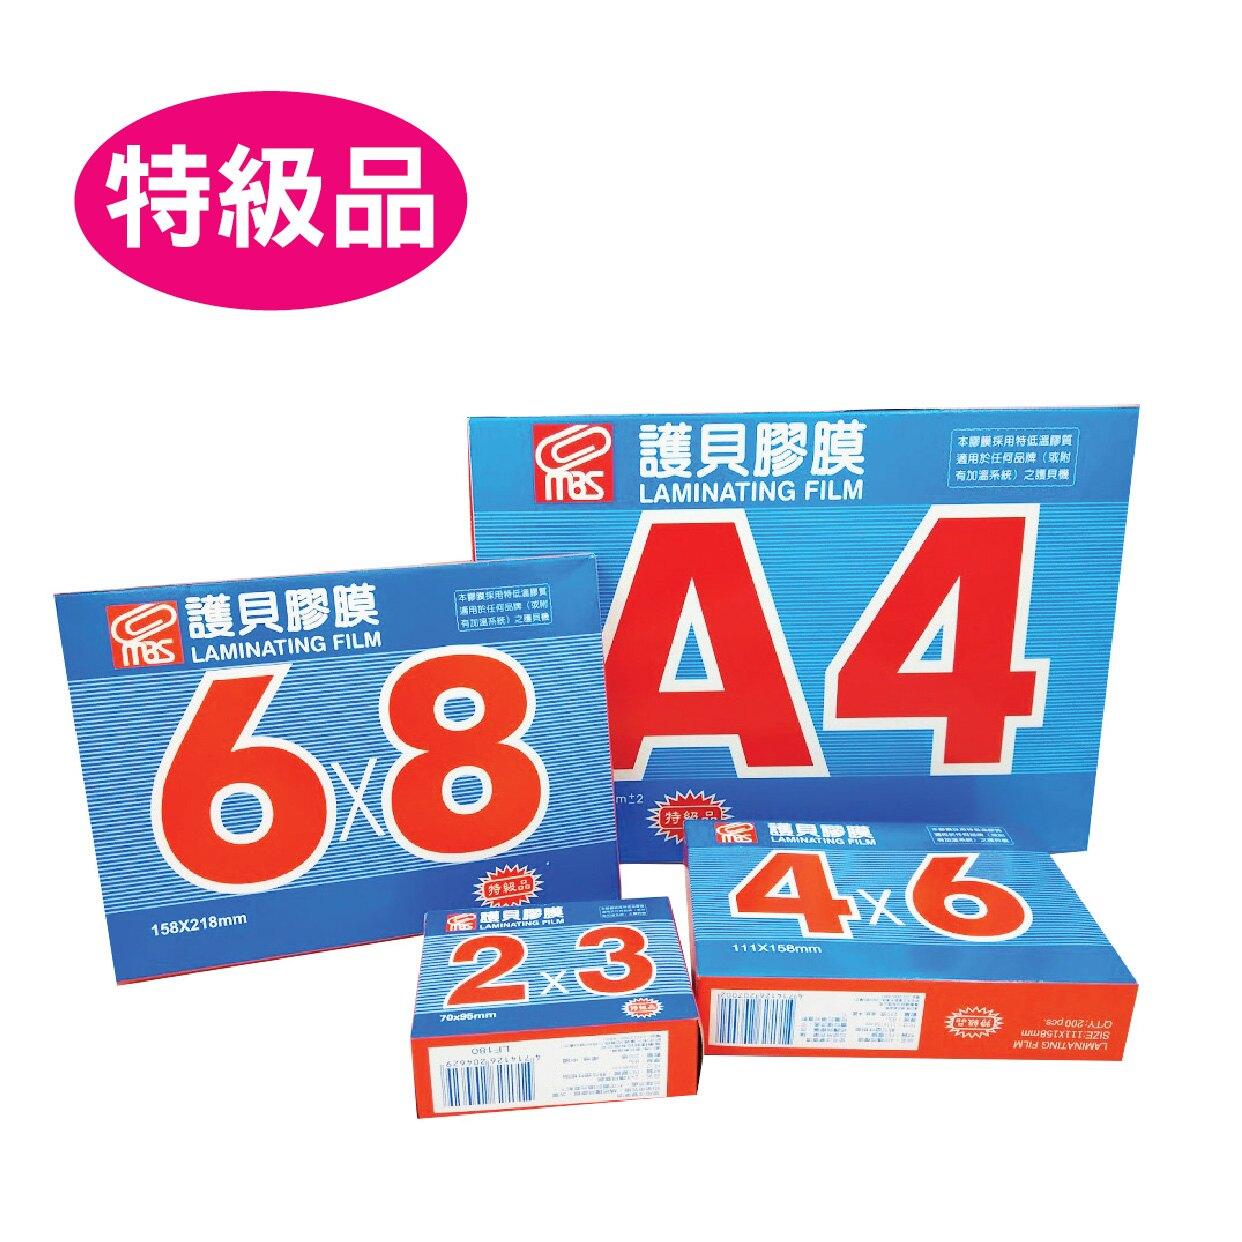 萬事捷 MBS 3x5 / 4x6 (A6適用) / 6x8 (A5適用) 亮面護貝膠膜 特級護貝膠膜